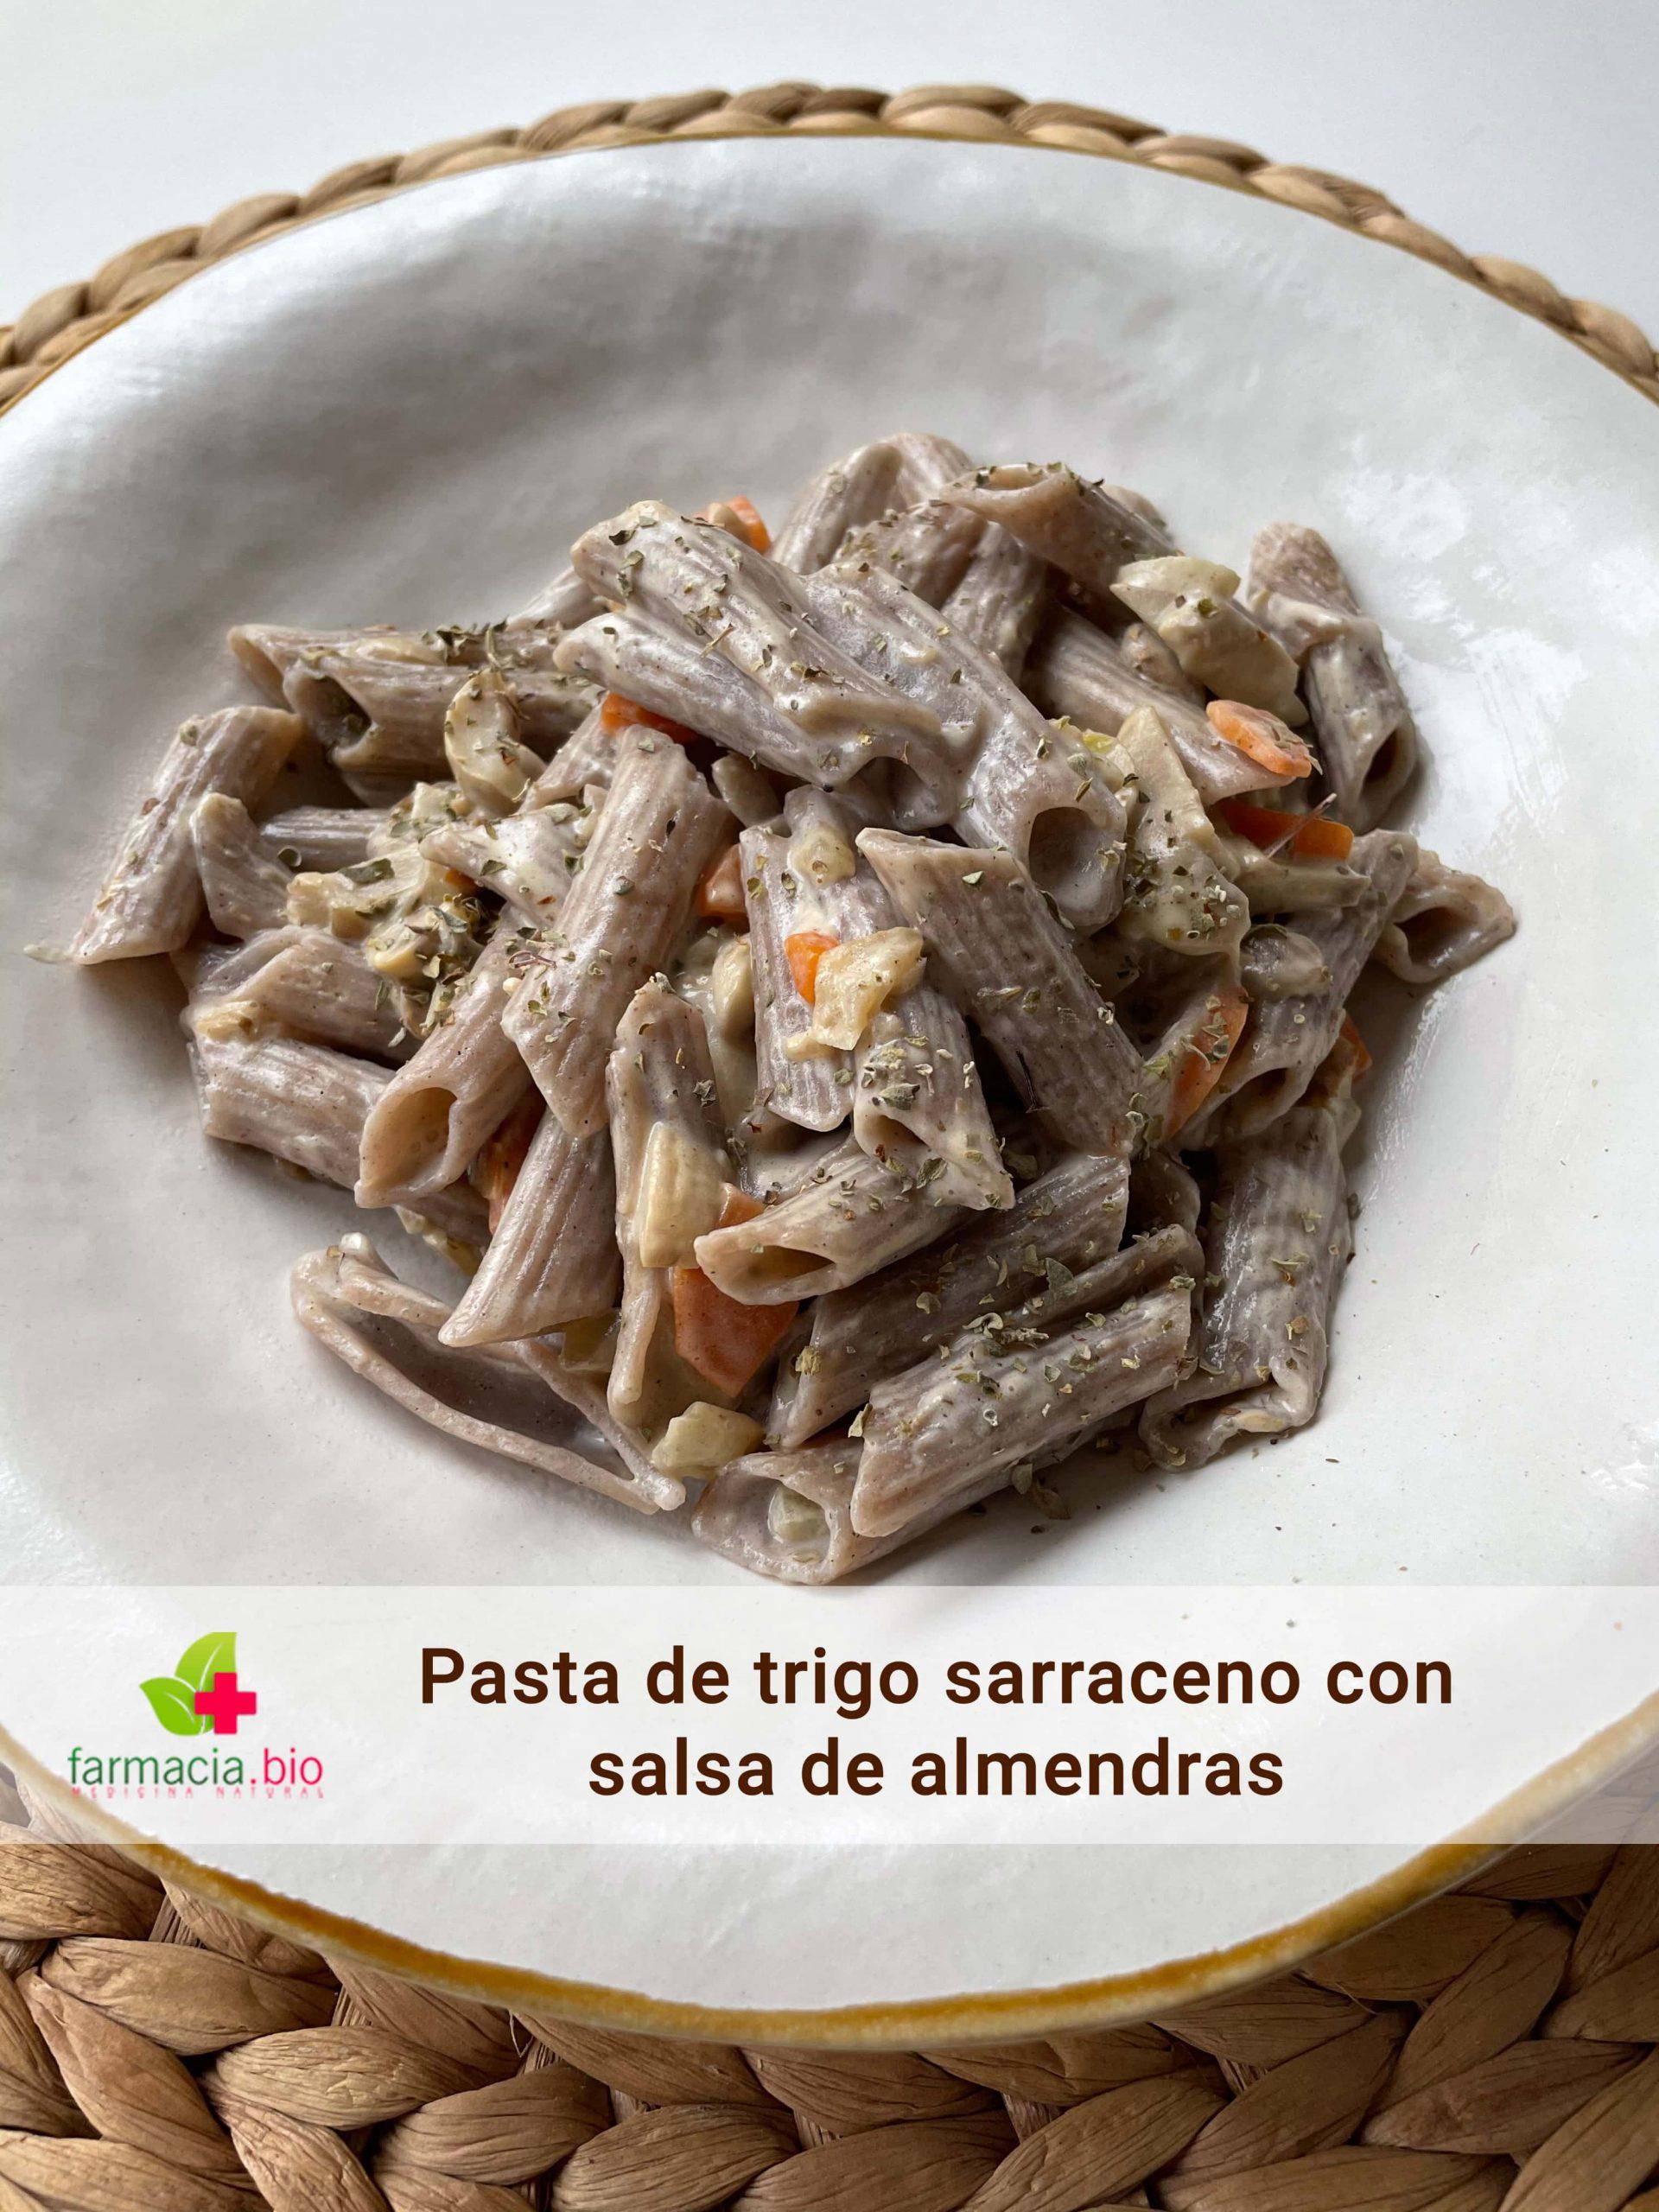 Pasta de trigo sarraceno, un plato fuerte y nutritivo